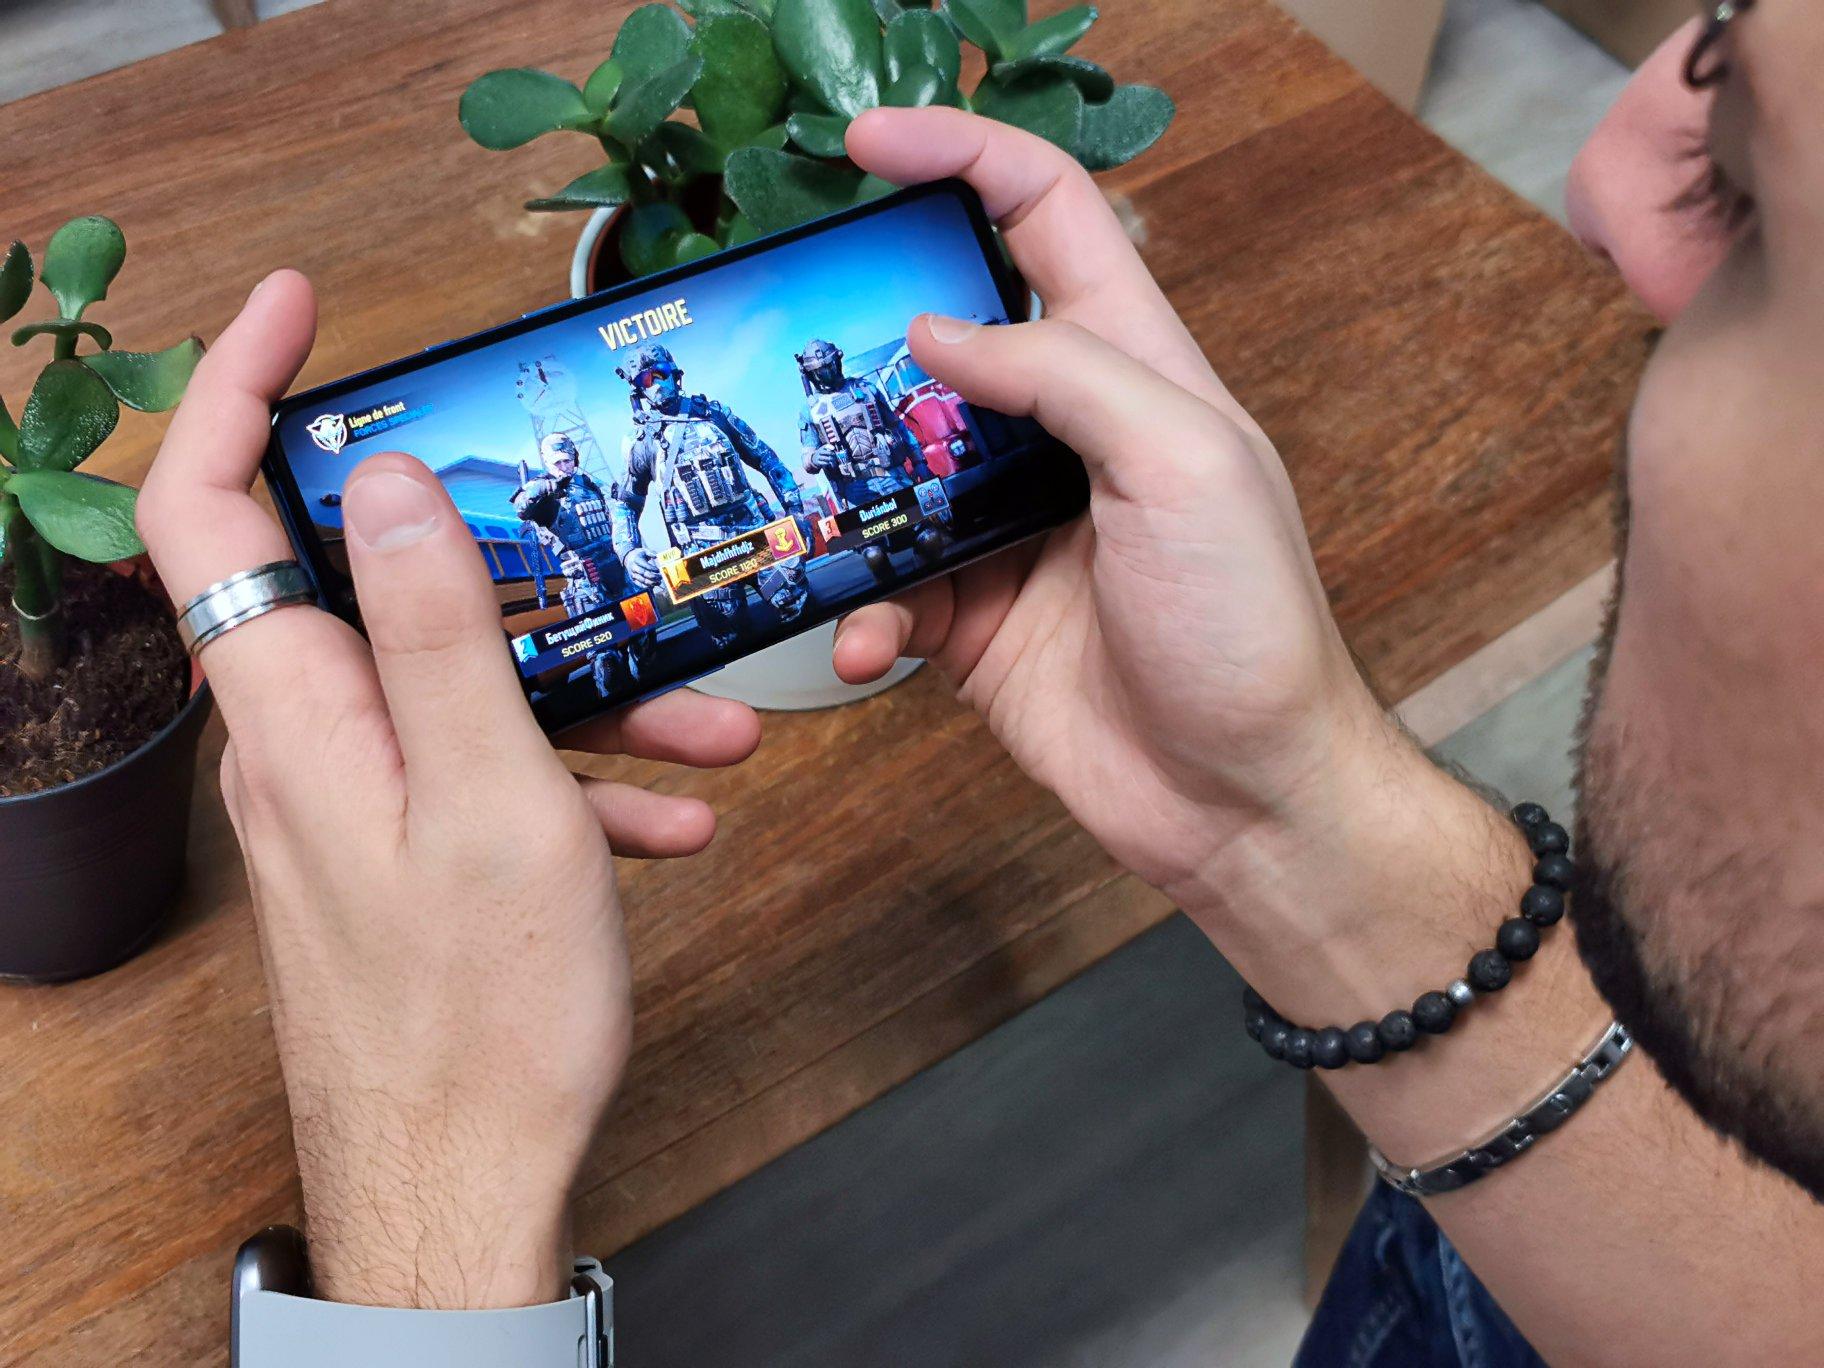 Les Meilleurs Fps Et Tps (Jeux De Tir) Sur Android Et Iphone serapportantà Jeux Pc Enfant